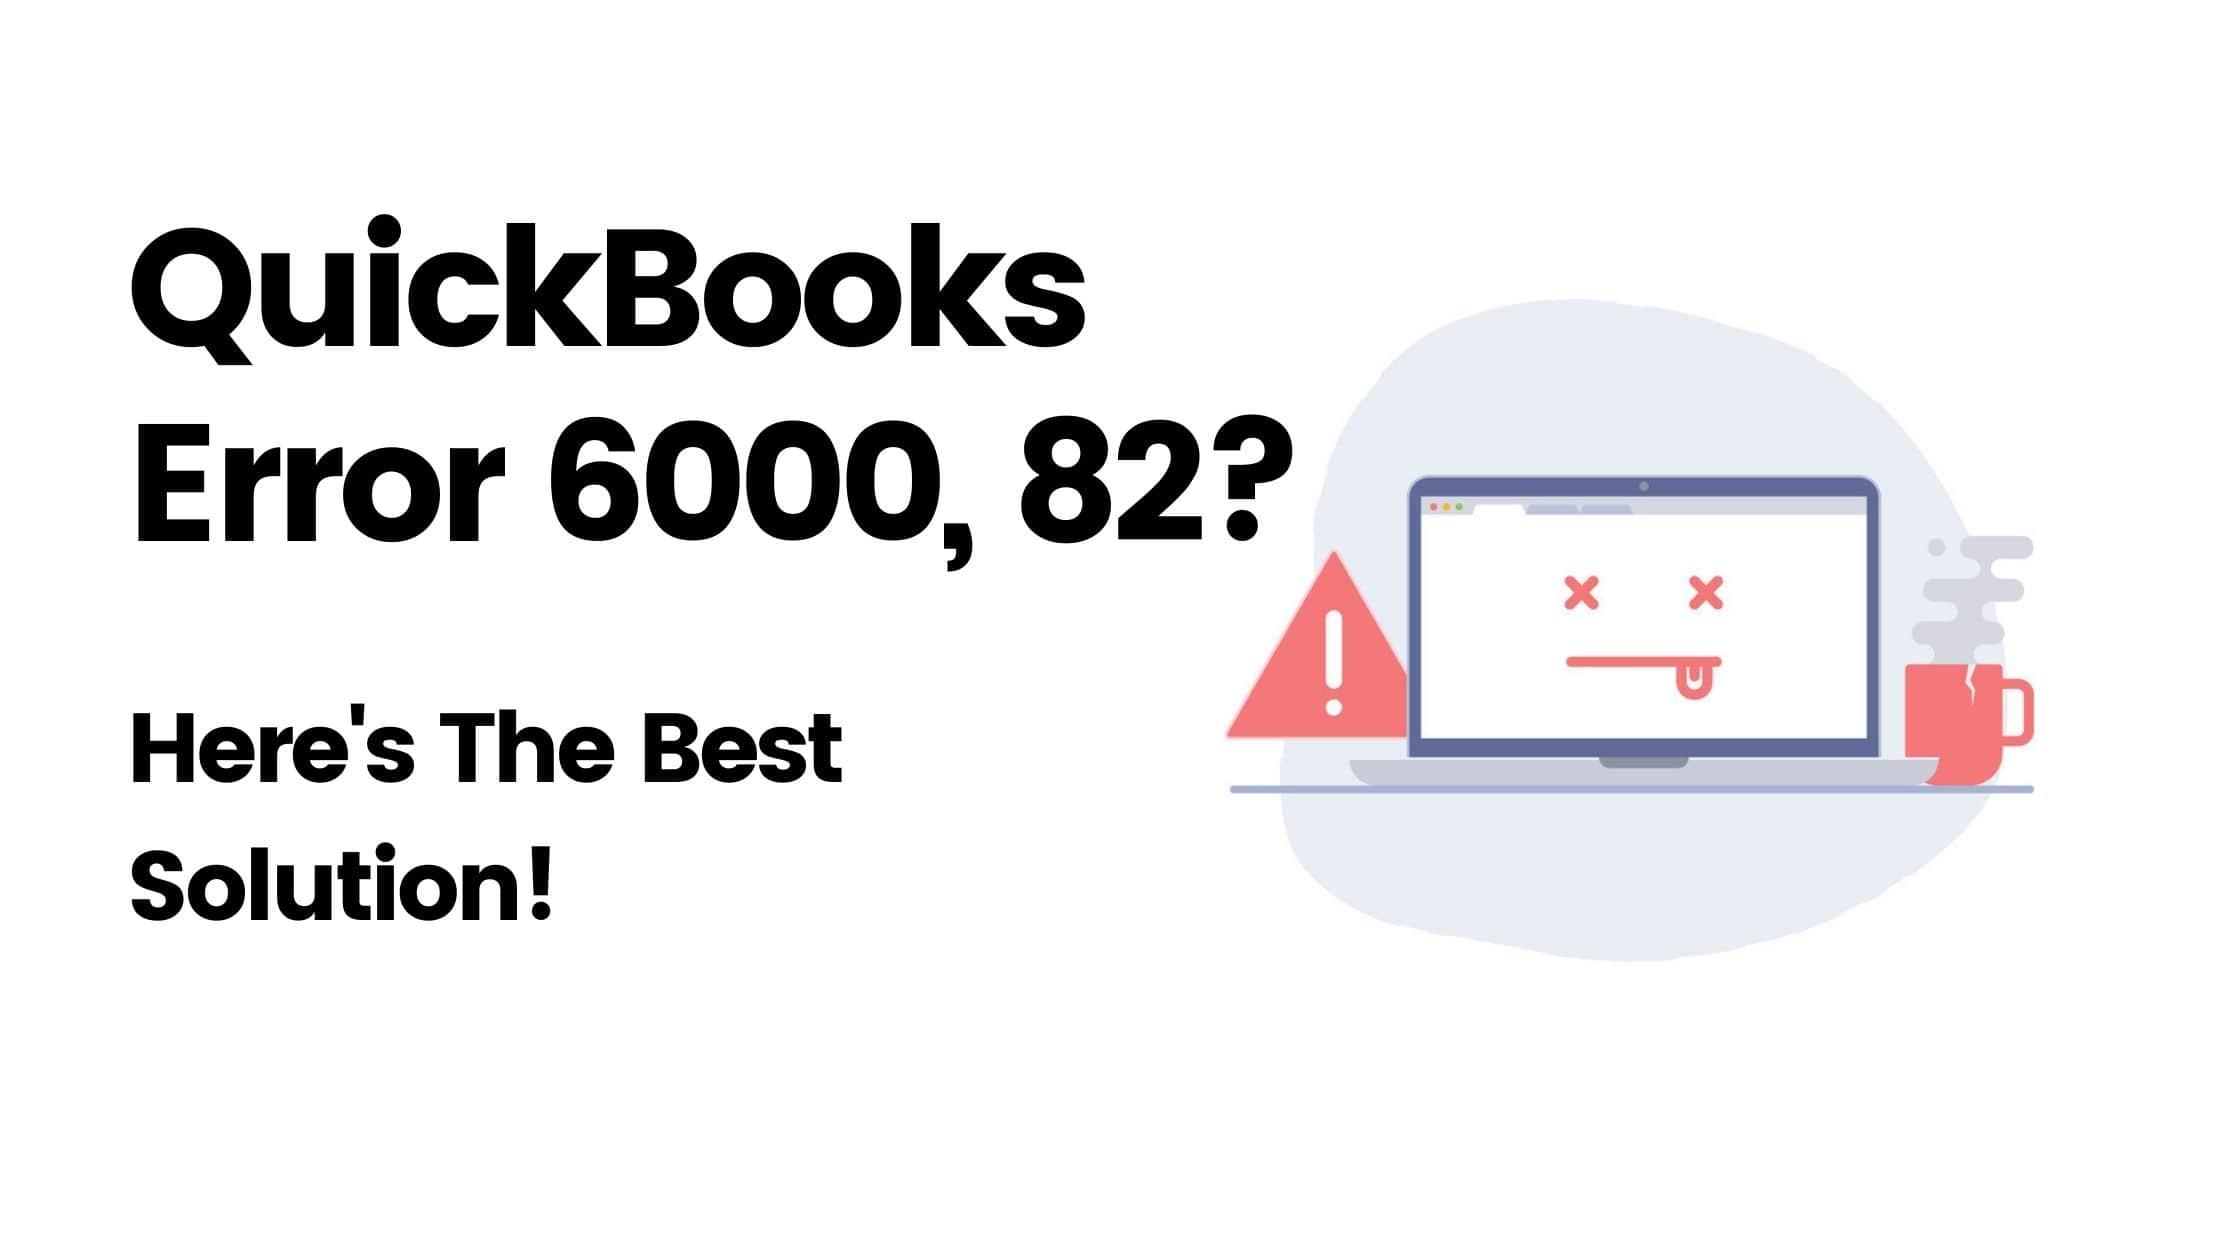 How To Resolve QuickBooks Error 6000 82?